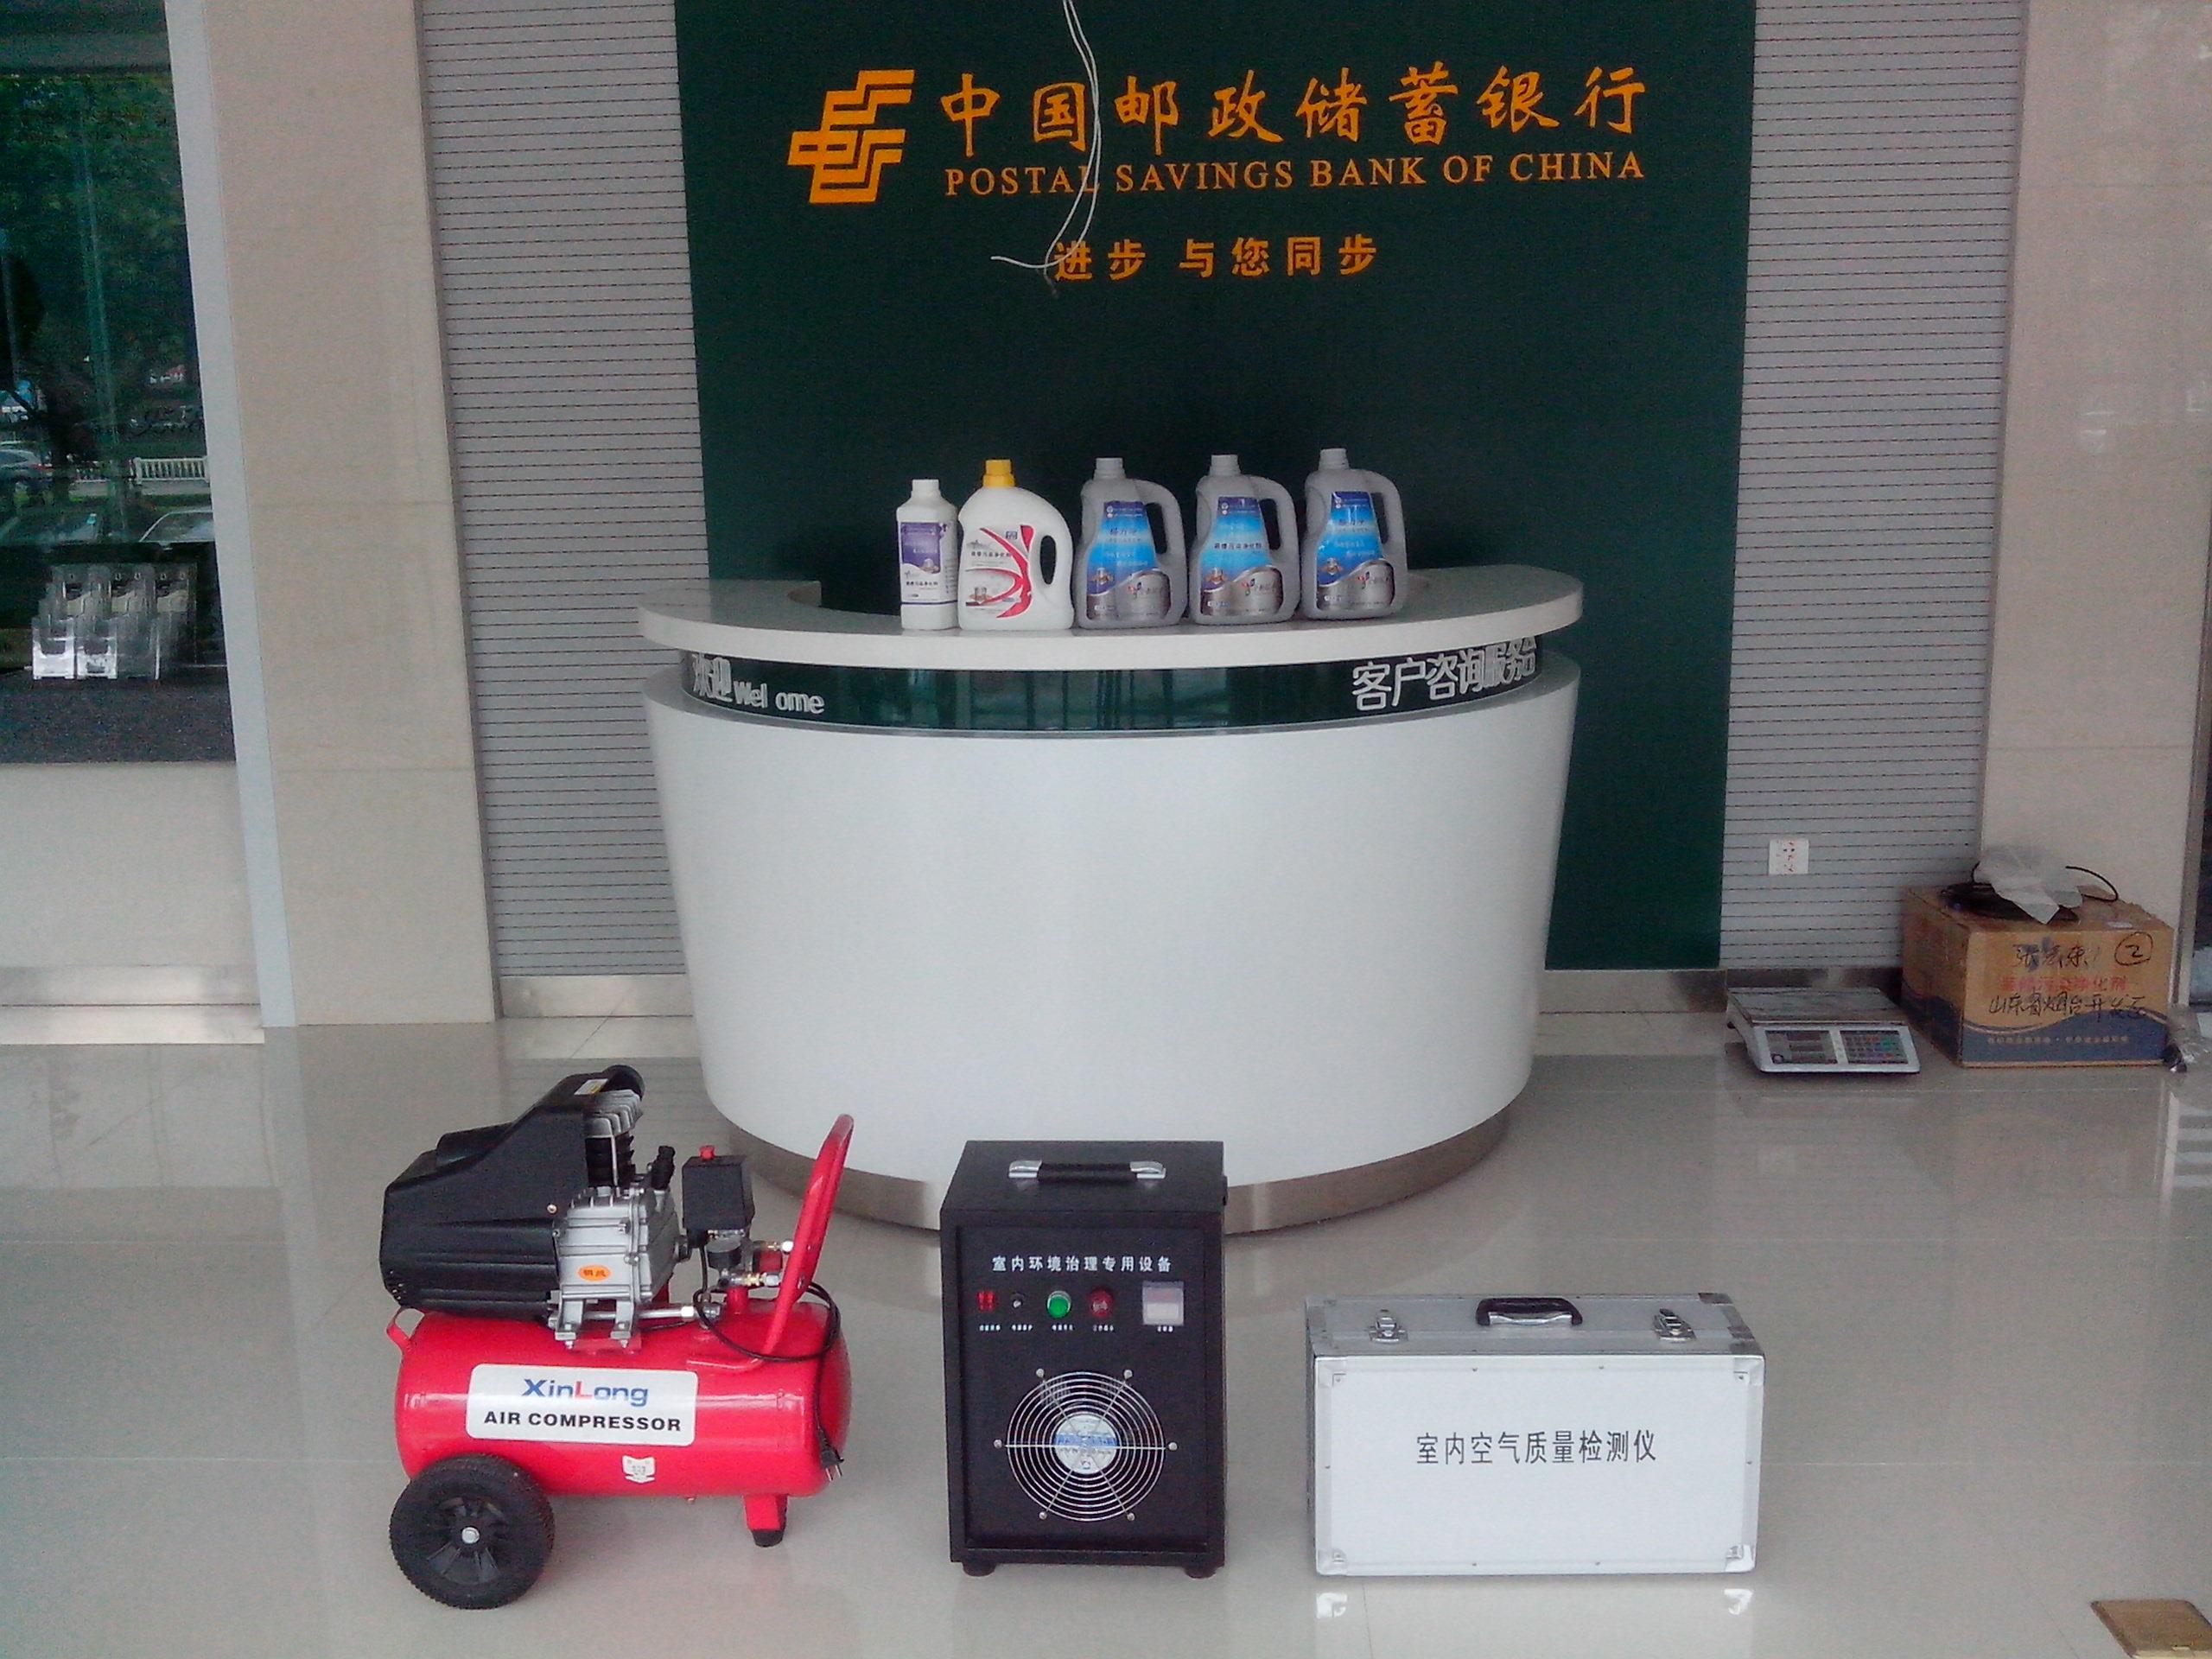 烟台开发区甲醛检测 烟台开发区甲醛检测公司